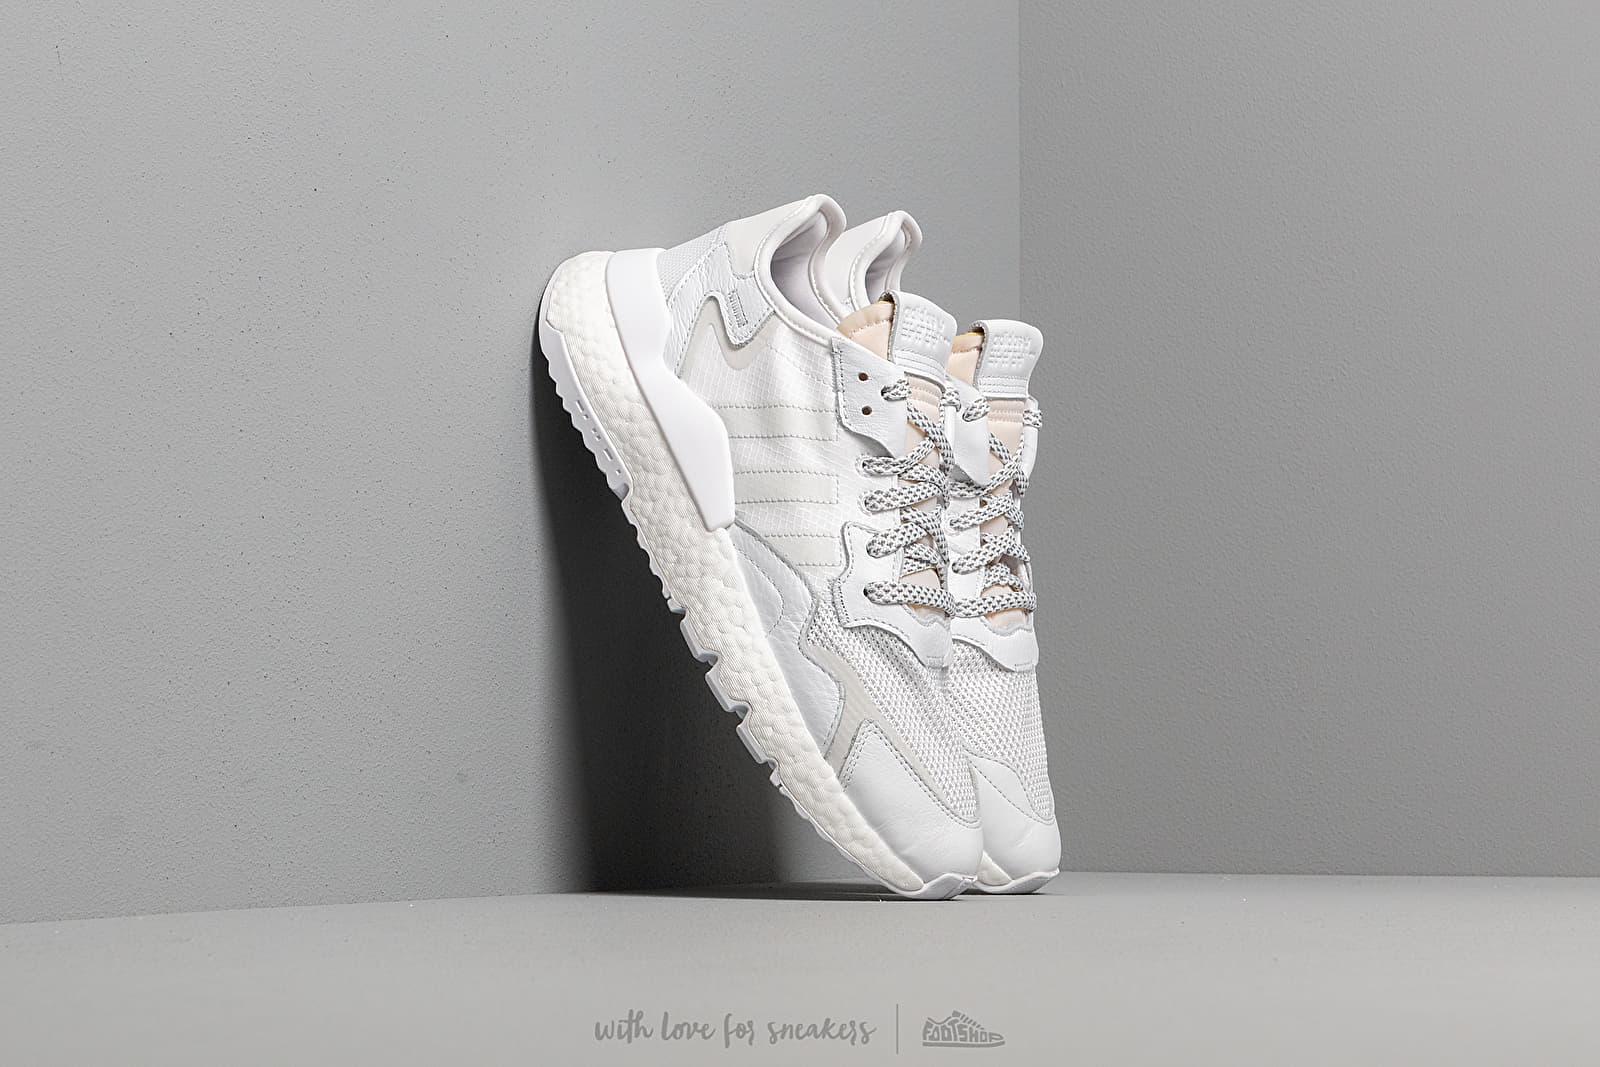 Ανδρικά παπούτσια adidas Nite Jogger Ftw White/ Crystal White/ Crystal White